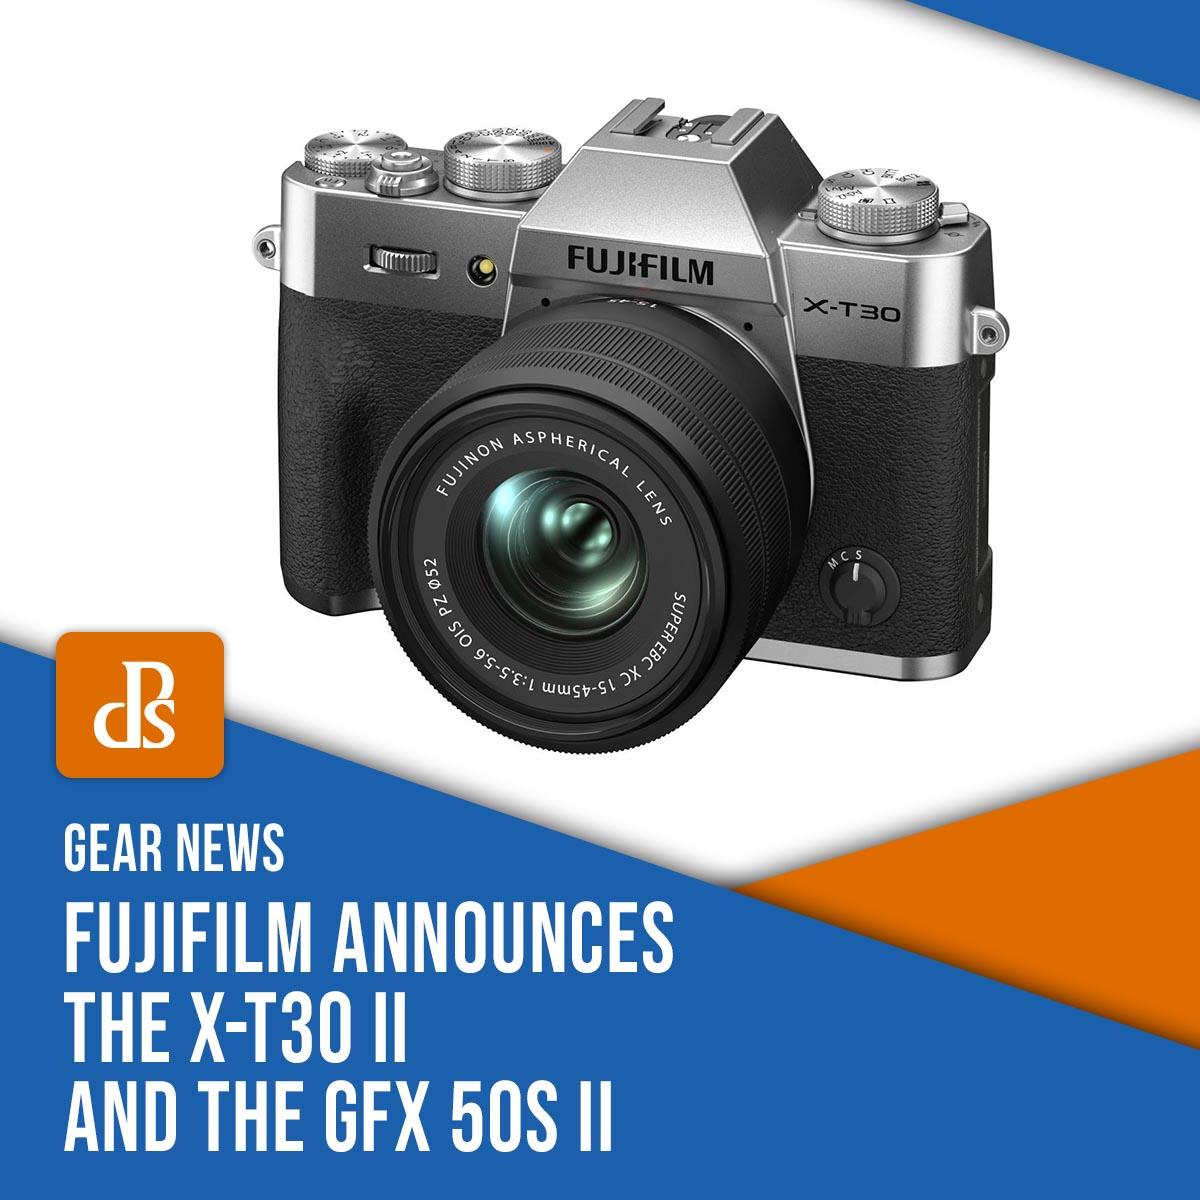 Fujifilm announces the X-T30 II and the GFX 50S II